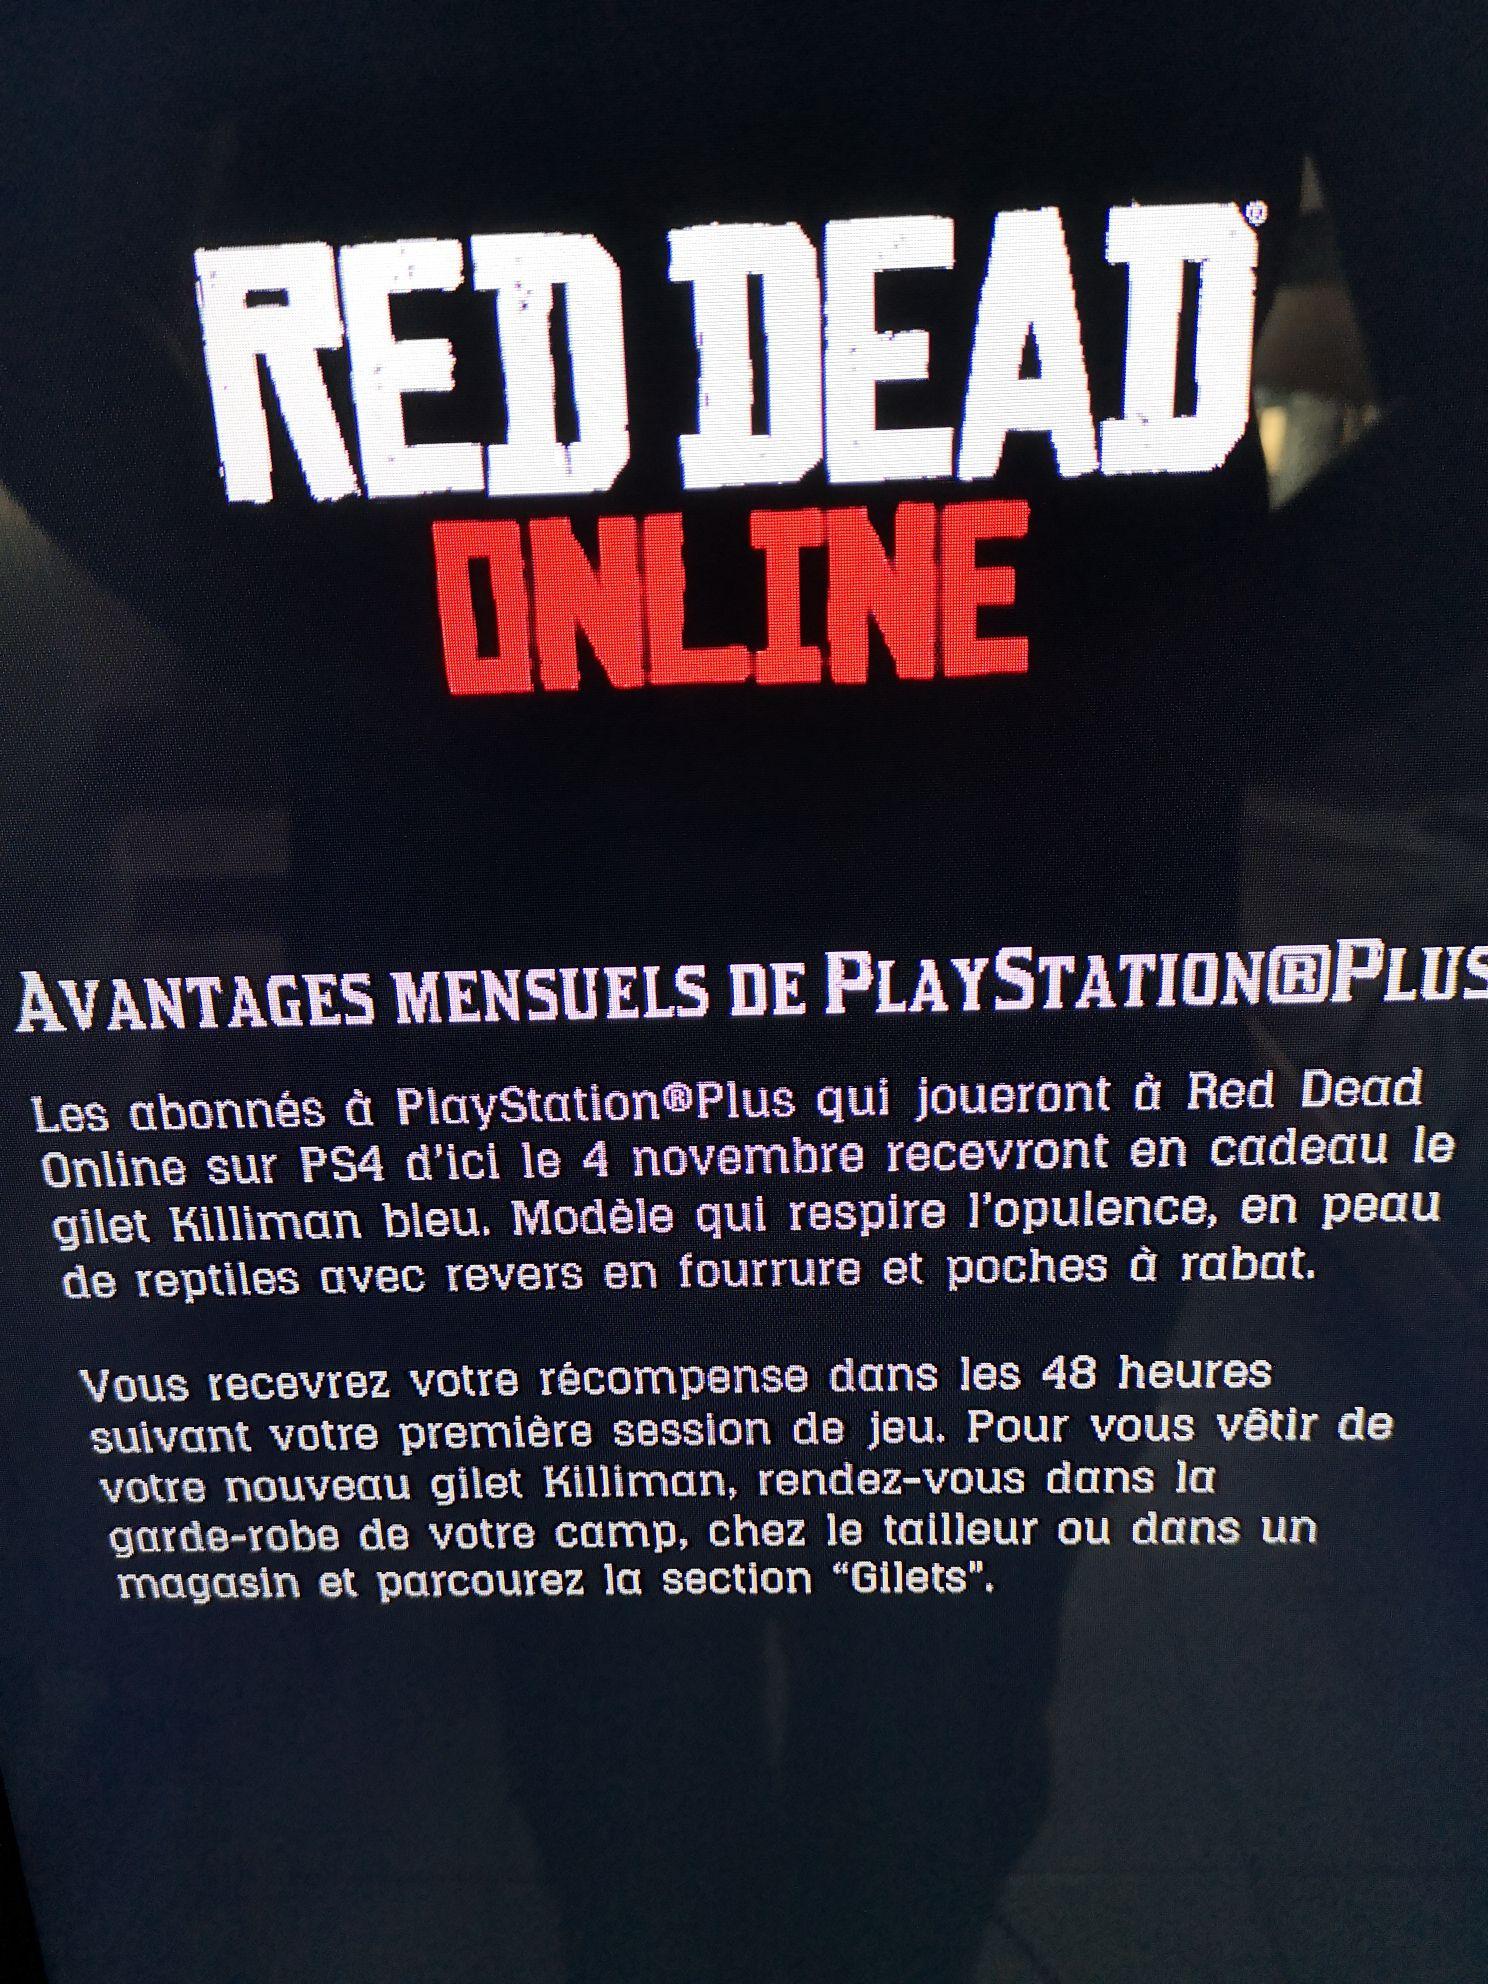 [PS Plus] Un Gilet Killiman offert sur le Jeu Red Dead Redemption 2 (Red Dead Online) pour toute connexion